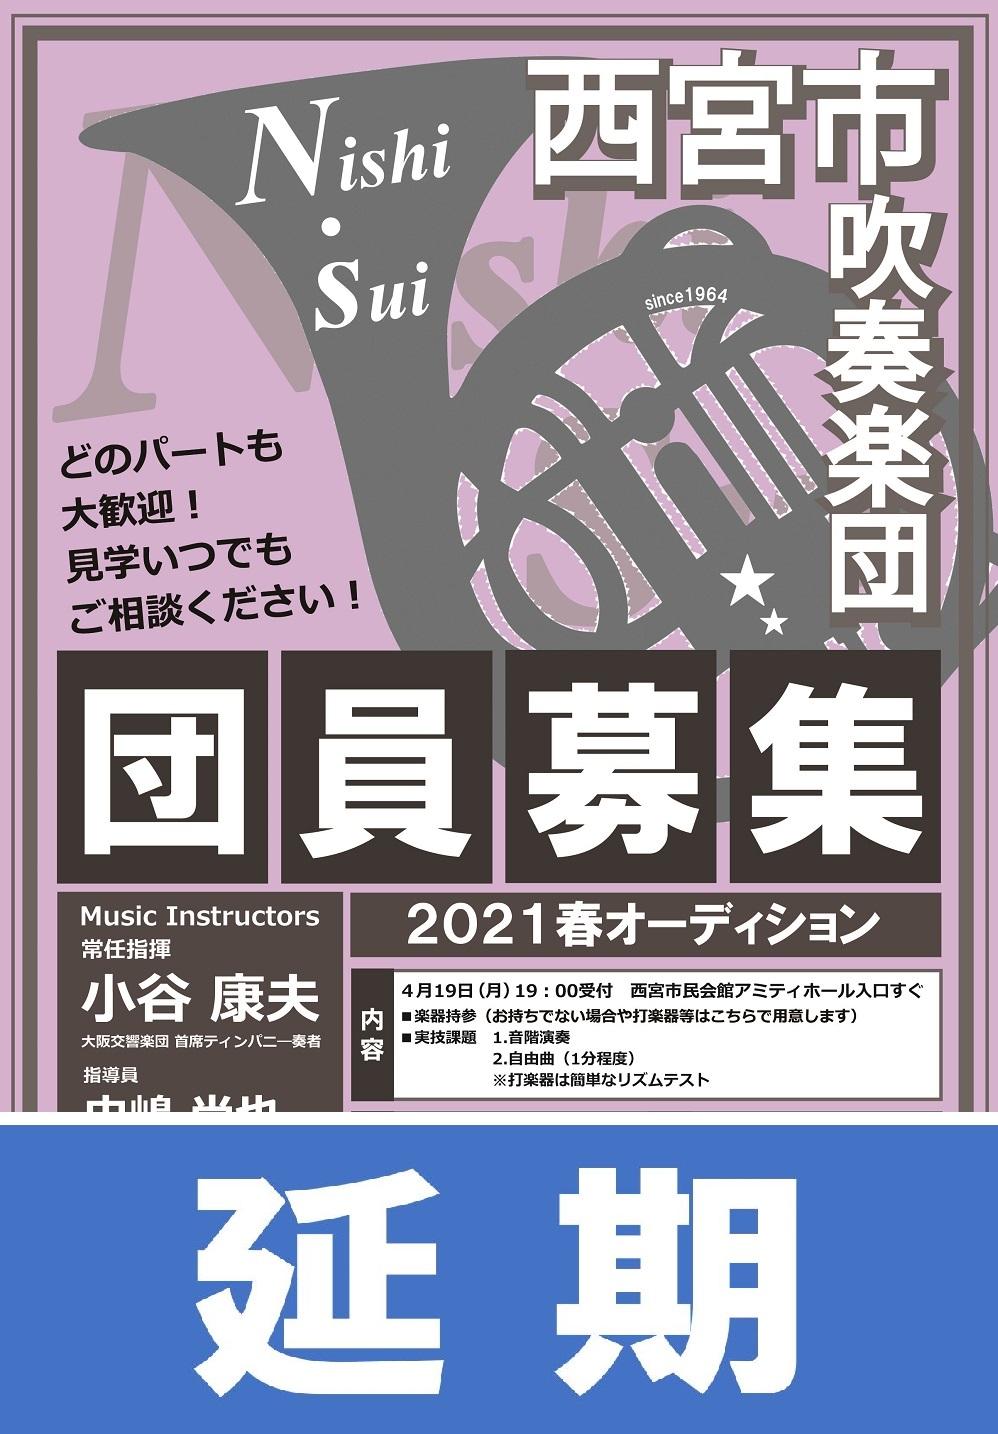 【本催しは延期になりました】西宮市吹奏楽団「2021春オーディション」